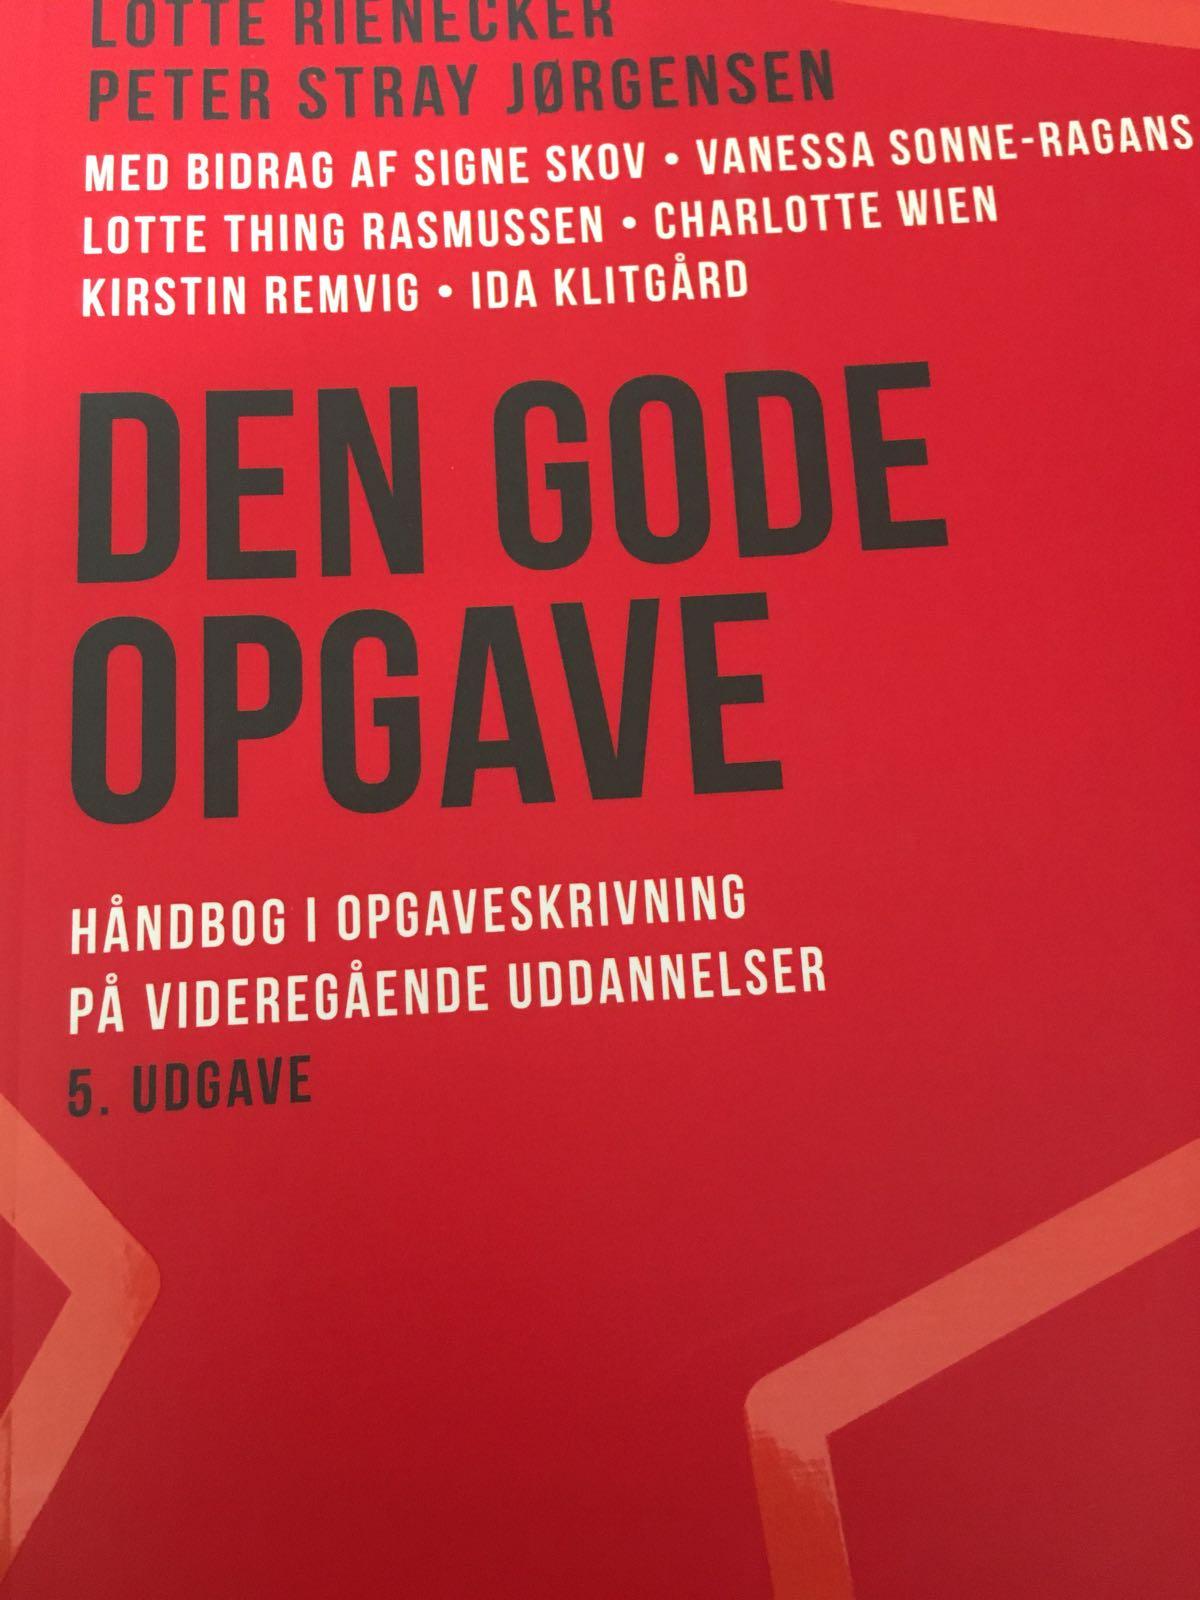 Den gode opgave - Håndbog i opgaveskrivning på videregående uddannelser af Lotte Rieneckrt og Peter Stray Jørgensen